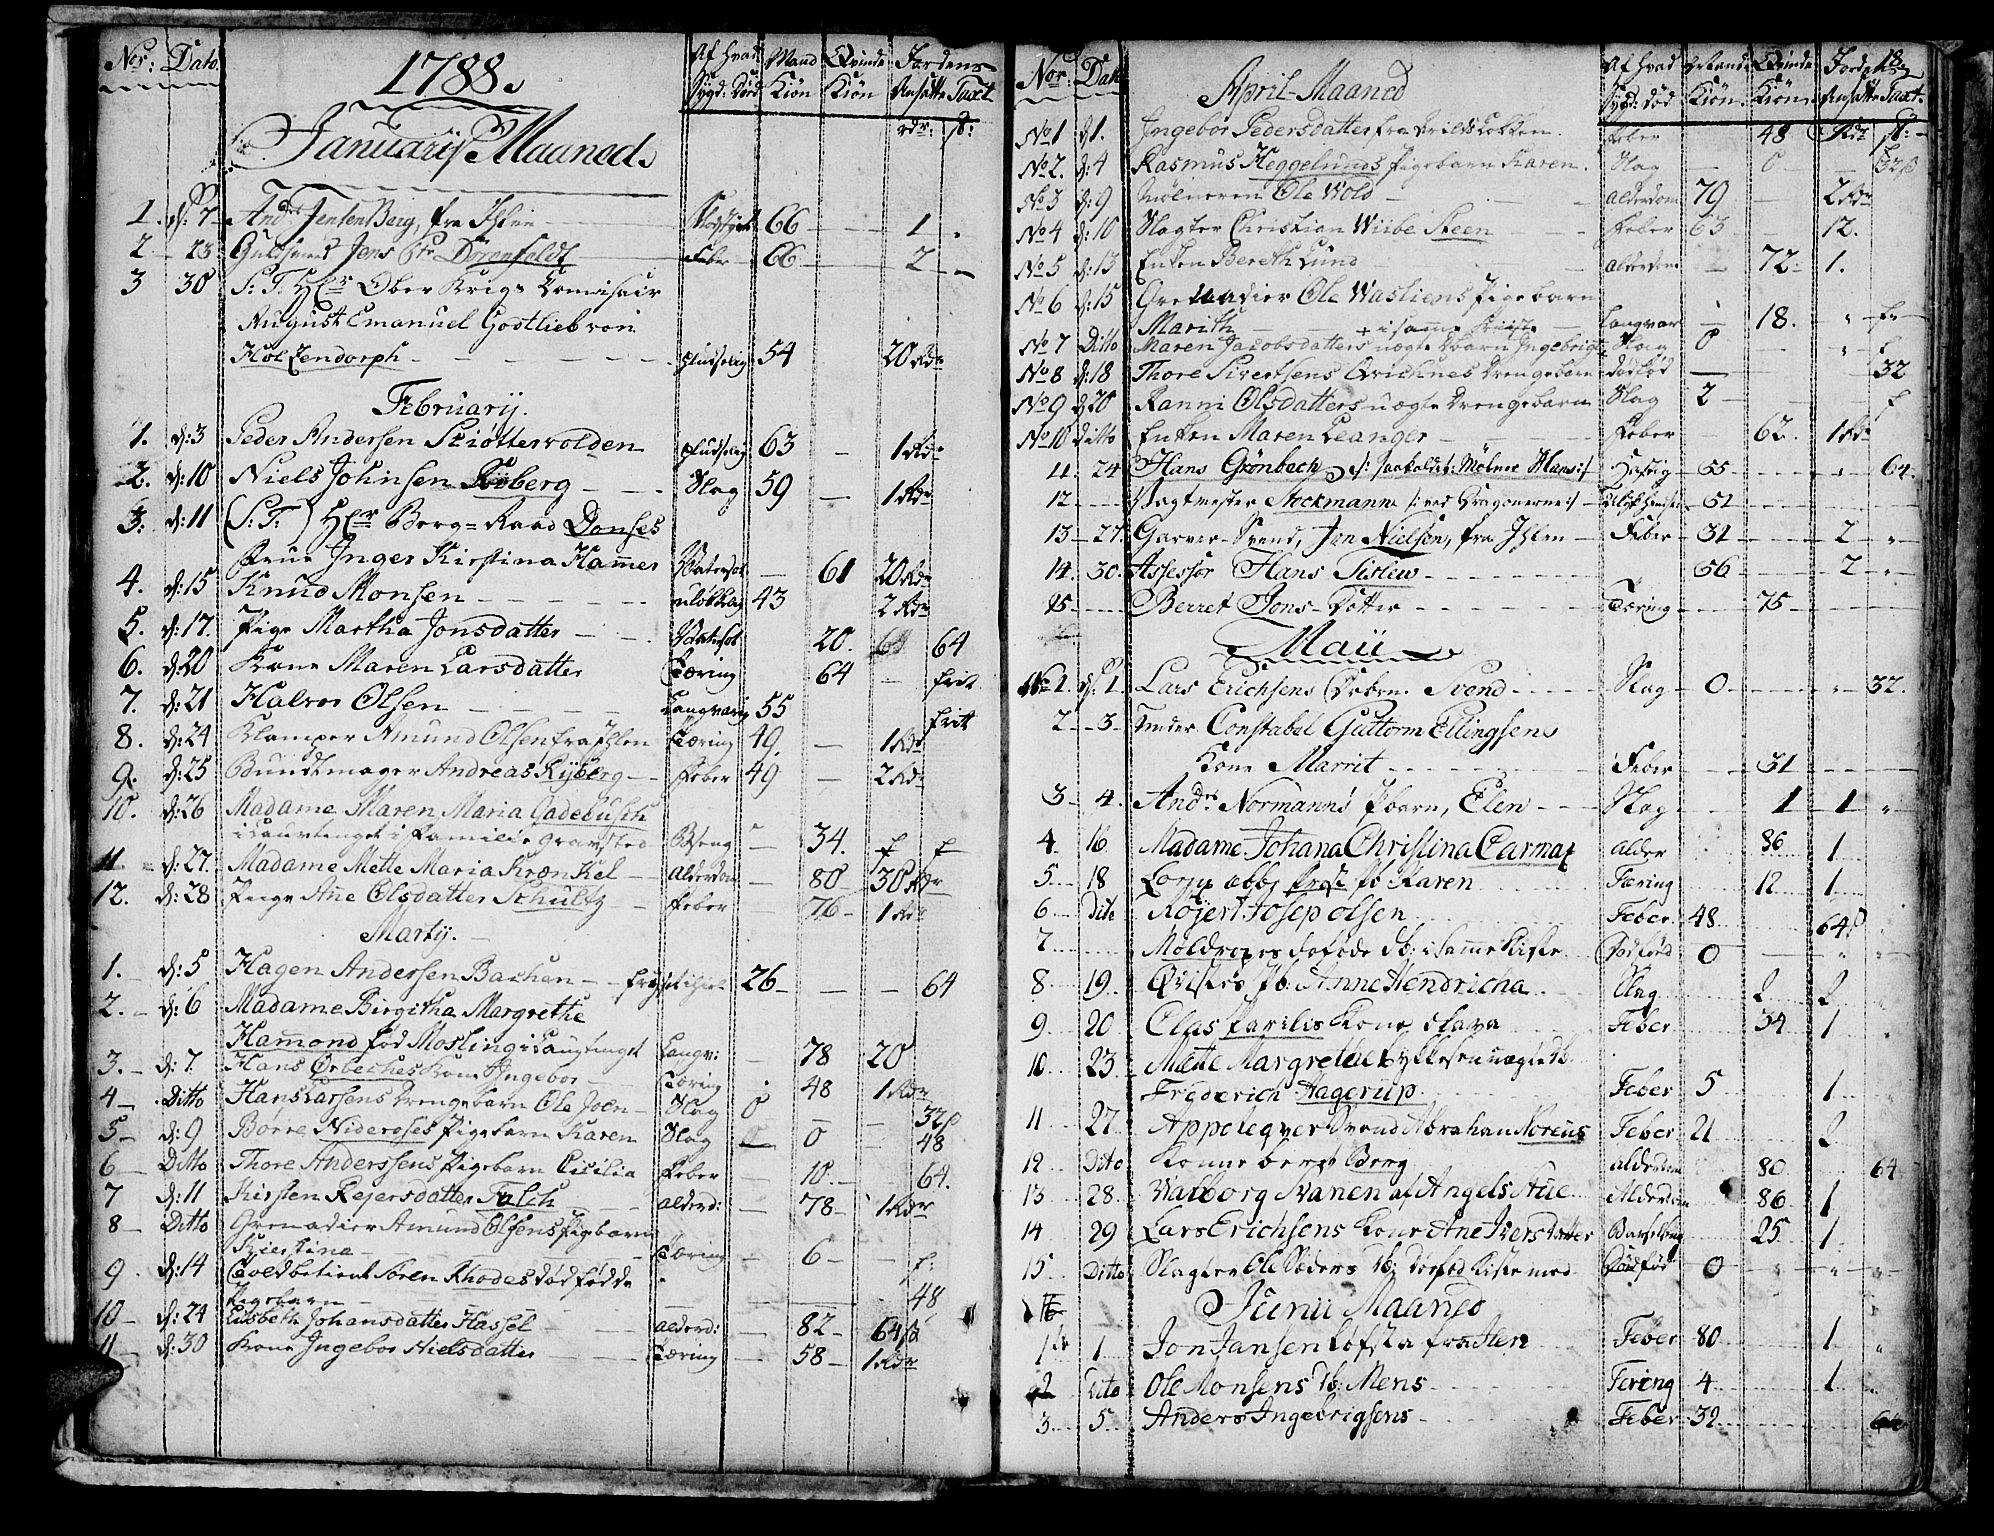 SAT, Ministerialprotokoller, klokkerbøker og fødselsregistre - Sør-Trøndelag, 601/L0040: Ministerialbok nr. 601A08, 1783-1818, s. 18